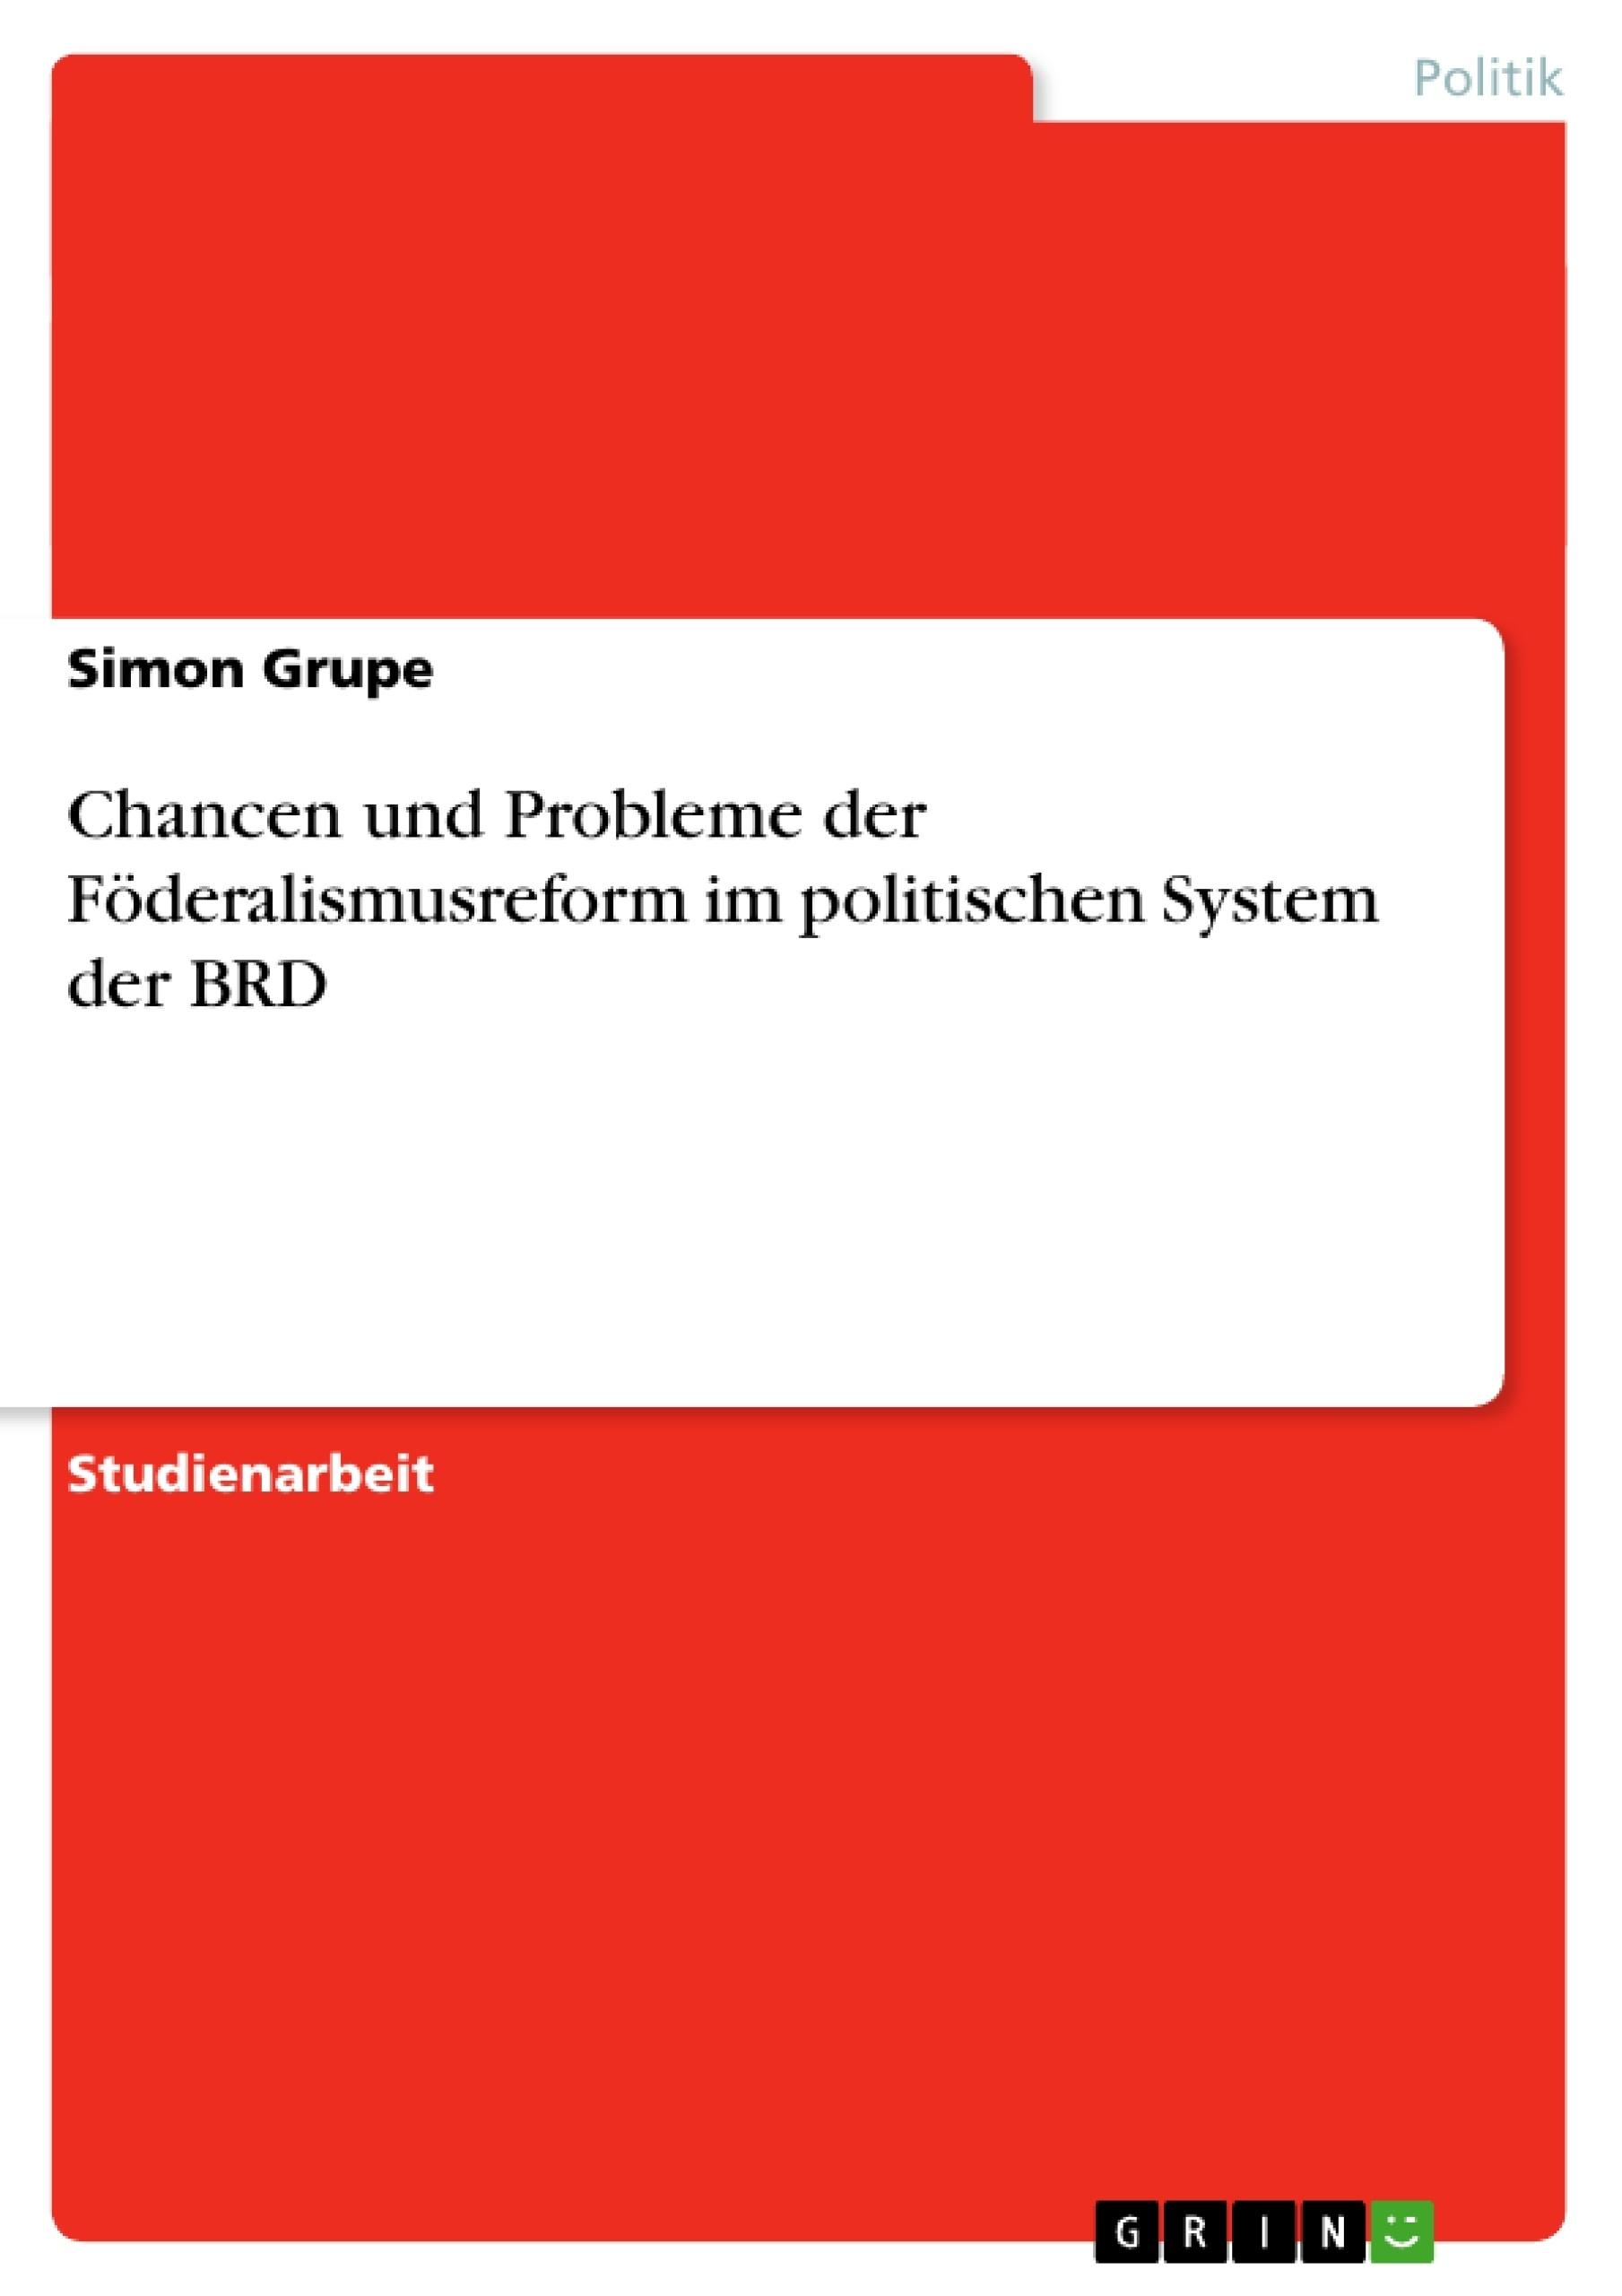 Titel: Chancen und Probleme der Föderalismusreform im politischen System der BRD